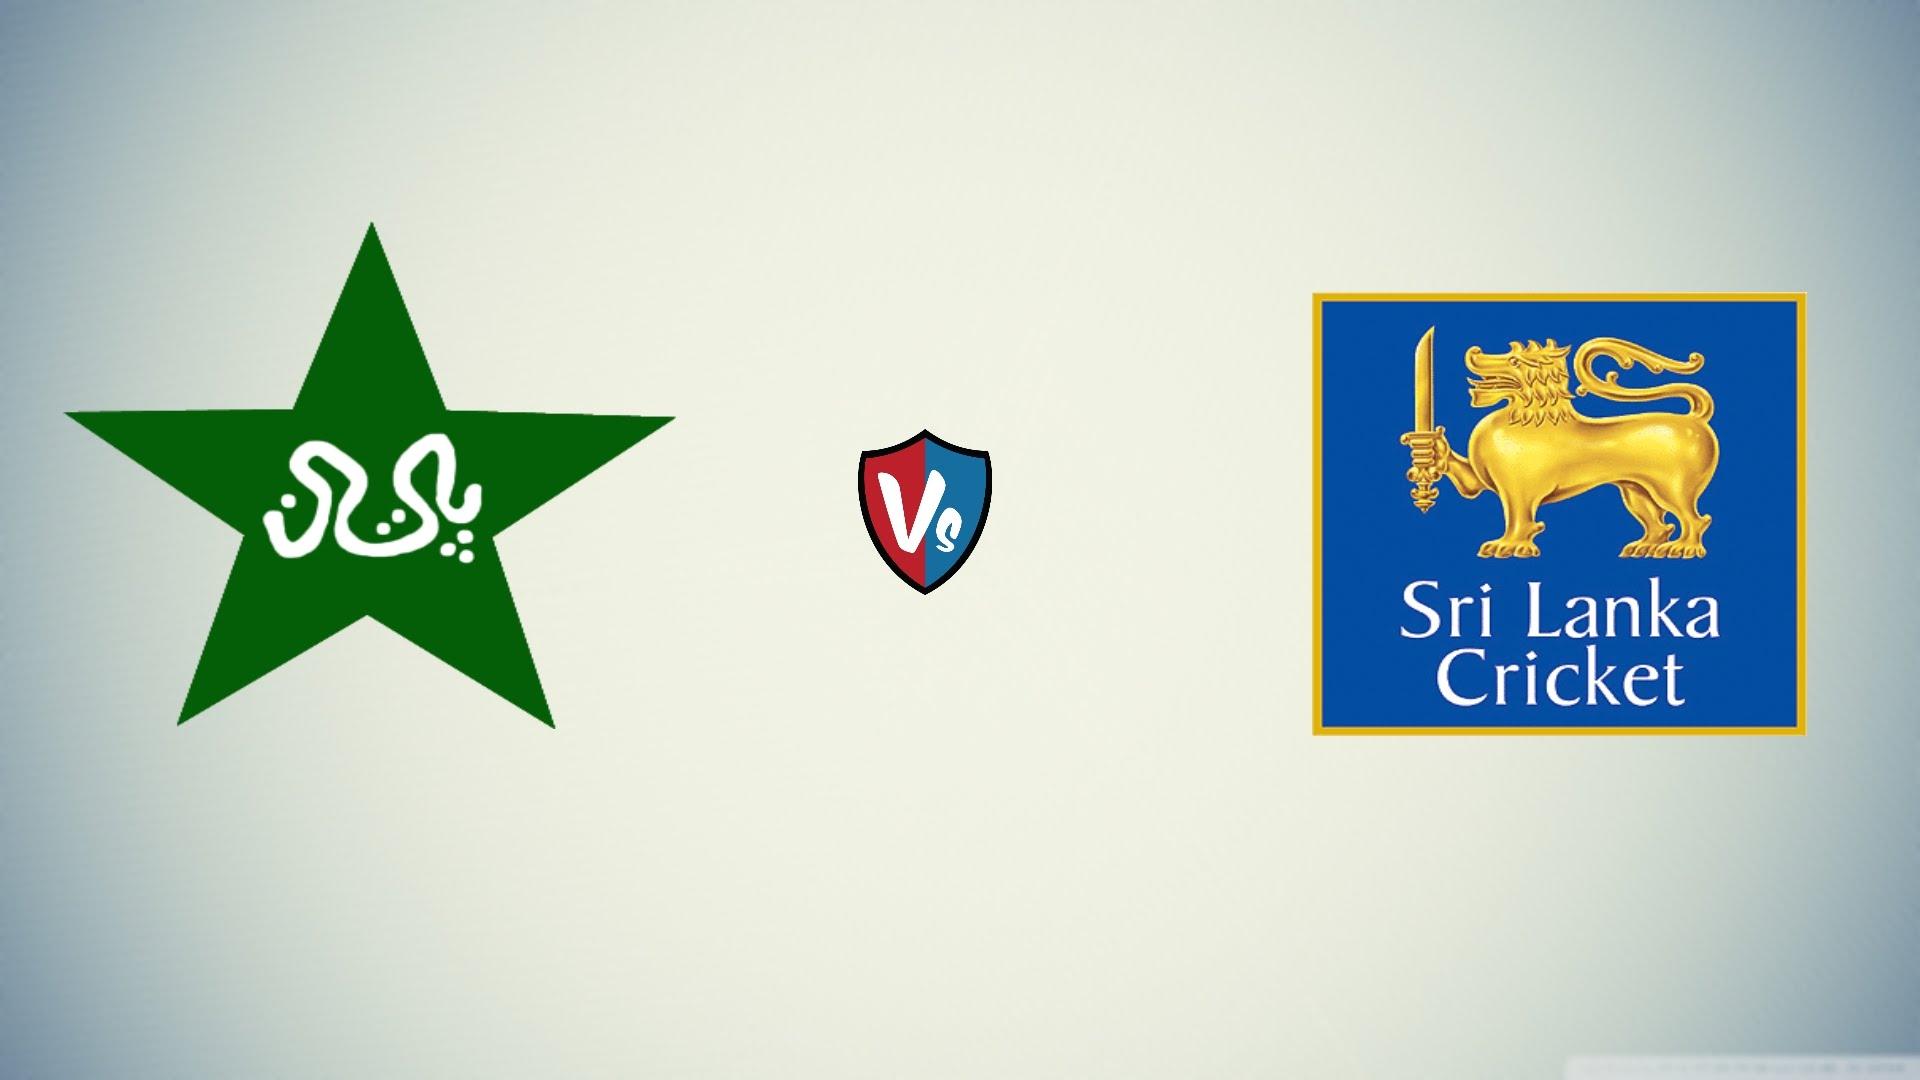 श्रीलंका टीम पर लगा ज्यादा पैसा लेकर पाकिस्तान जाने का आरोप, पीसीबी ने सामने आकर कही ये बात 6